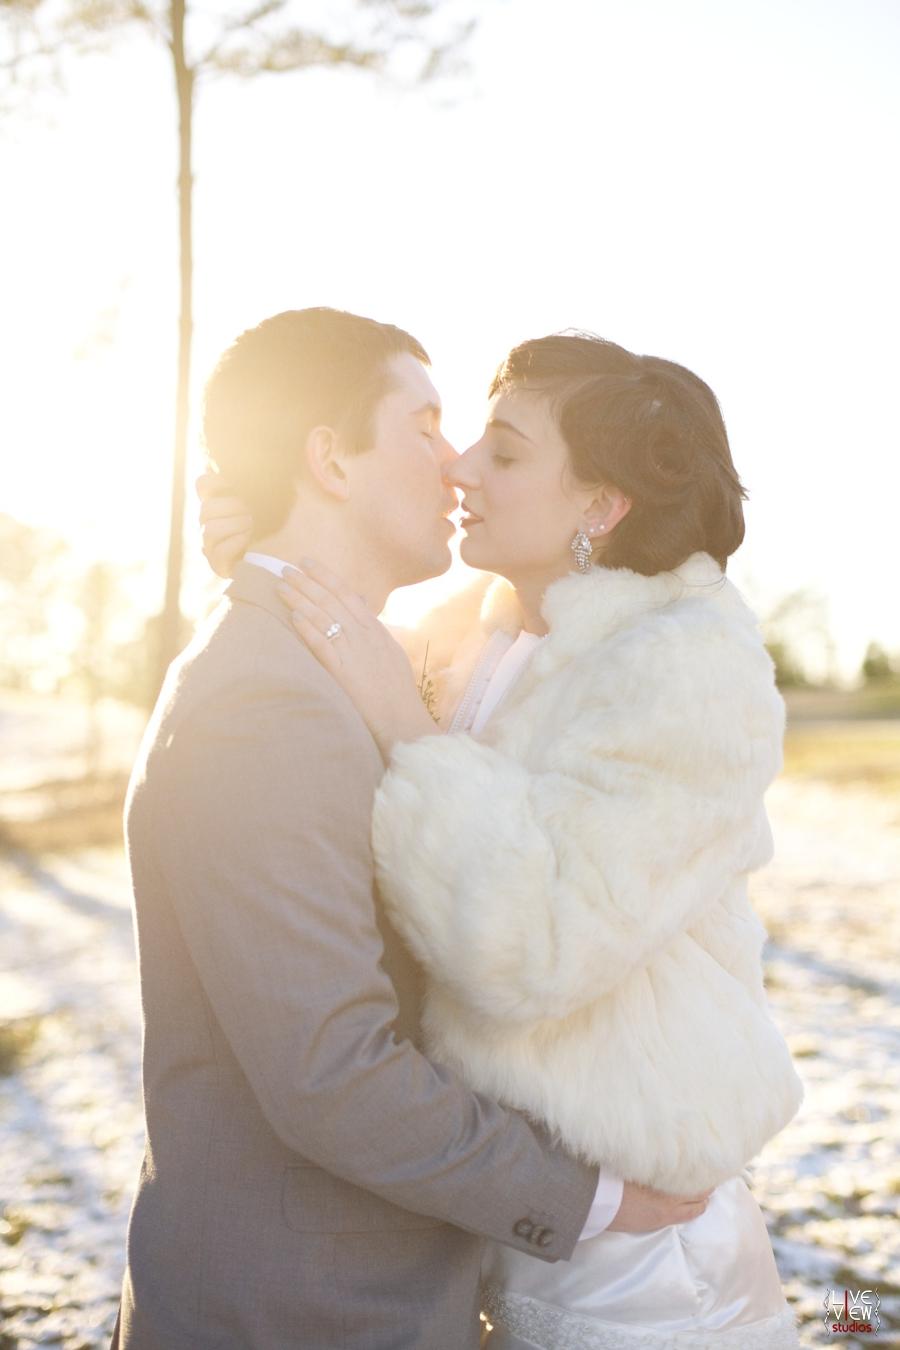 intimate wedding photography, outdoor wedding portraits